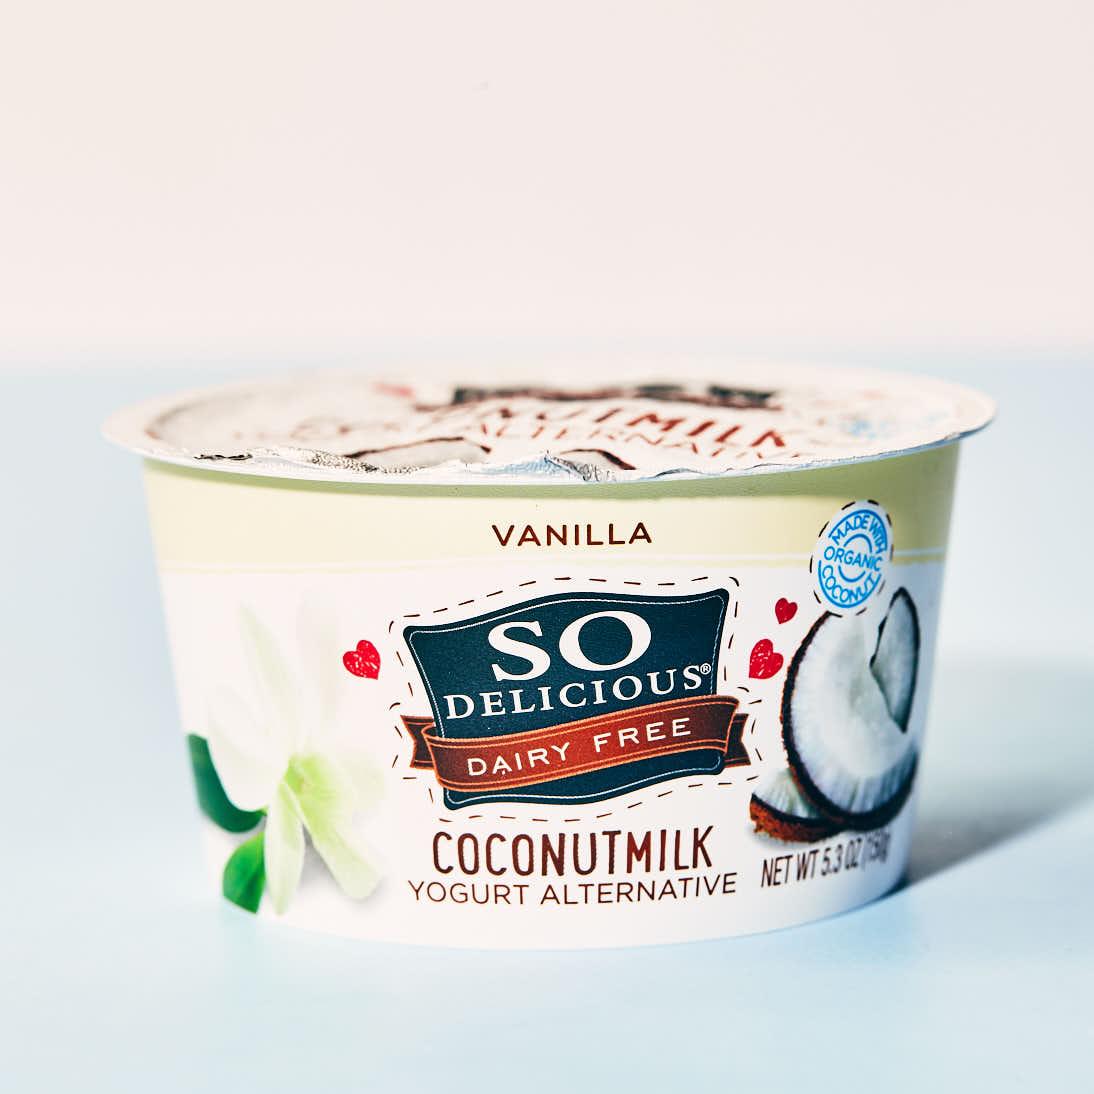 So Delicious Coconut Milk - Vanilla.jpg